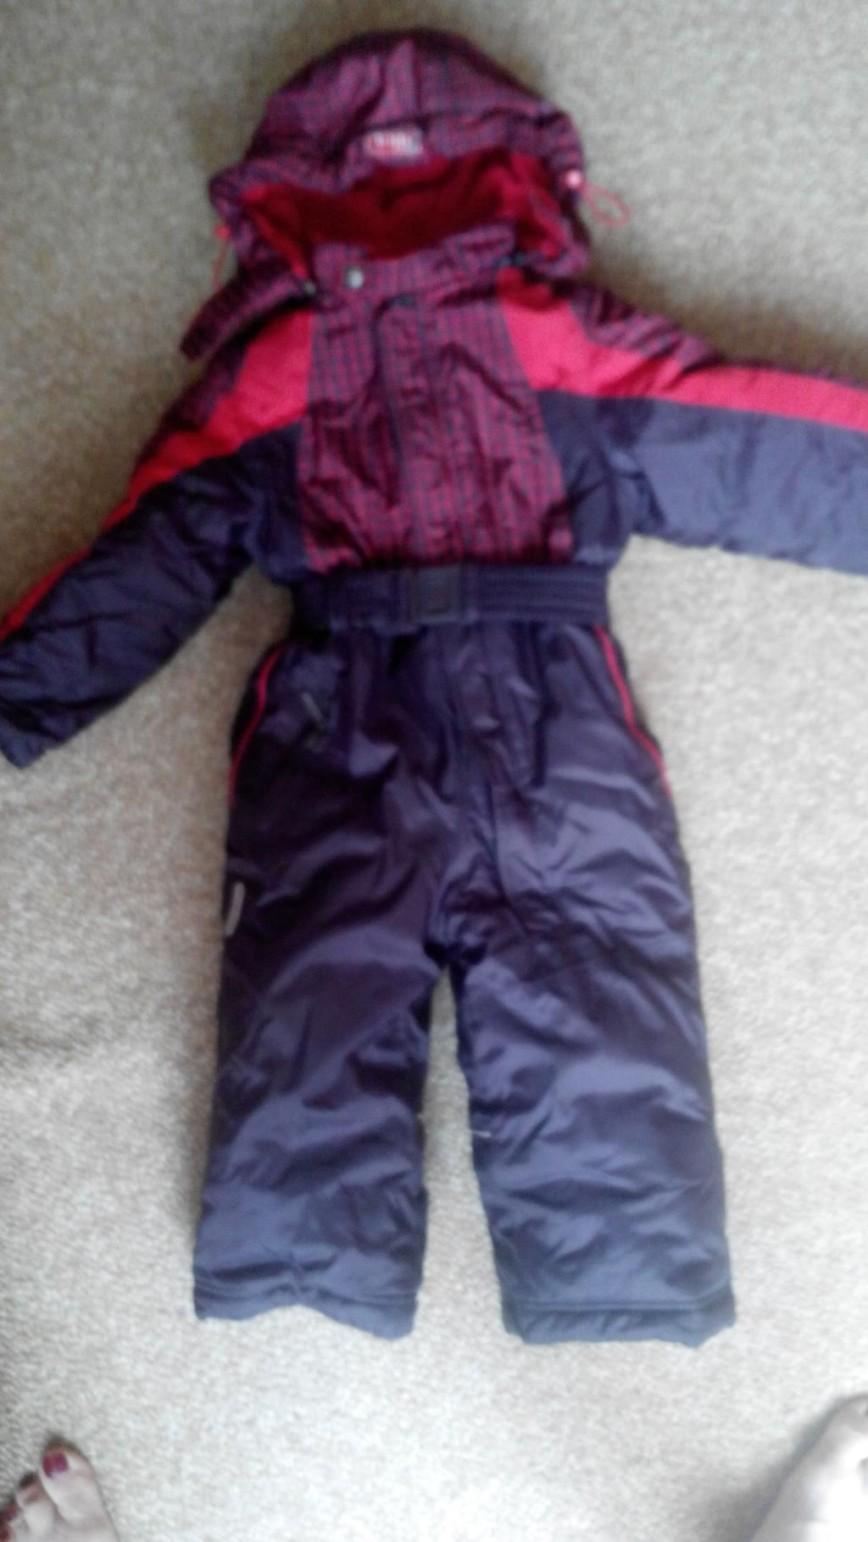 Альпекс, зима, маркировка 86 см Реально до 92, очень классные, очень удобные, очень теплые (300 гр), унисекс, ни разу не стирала...Остался 1